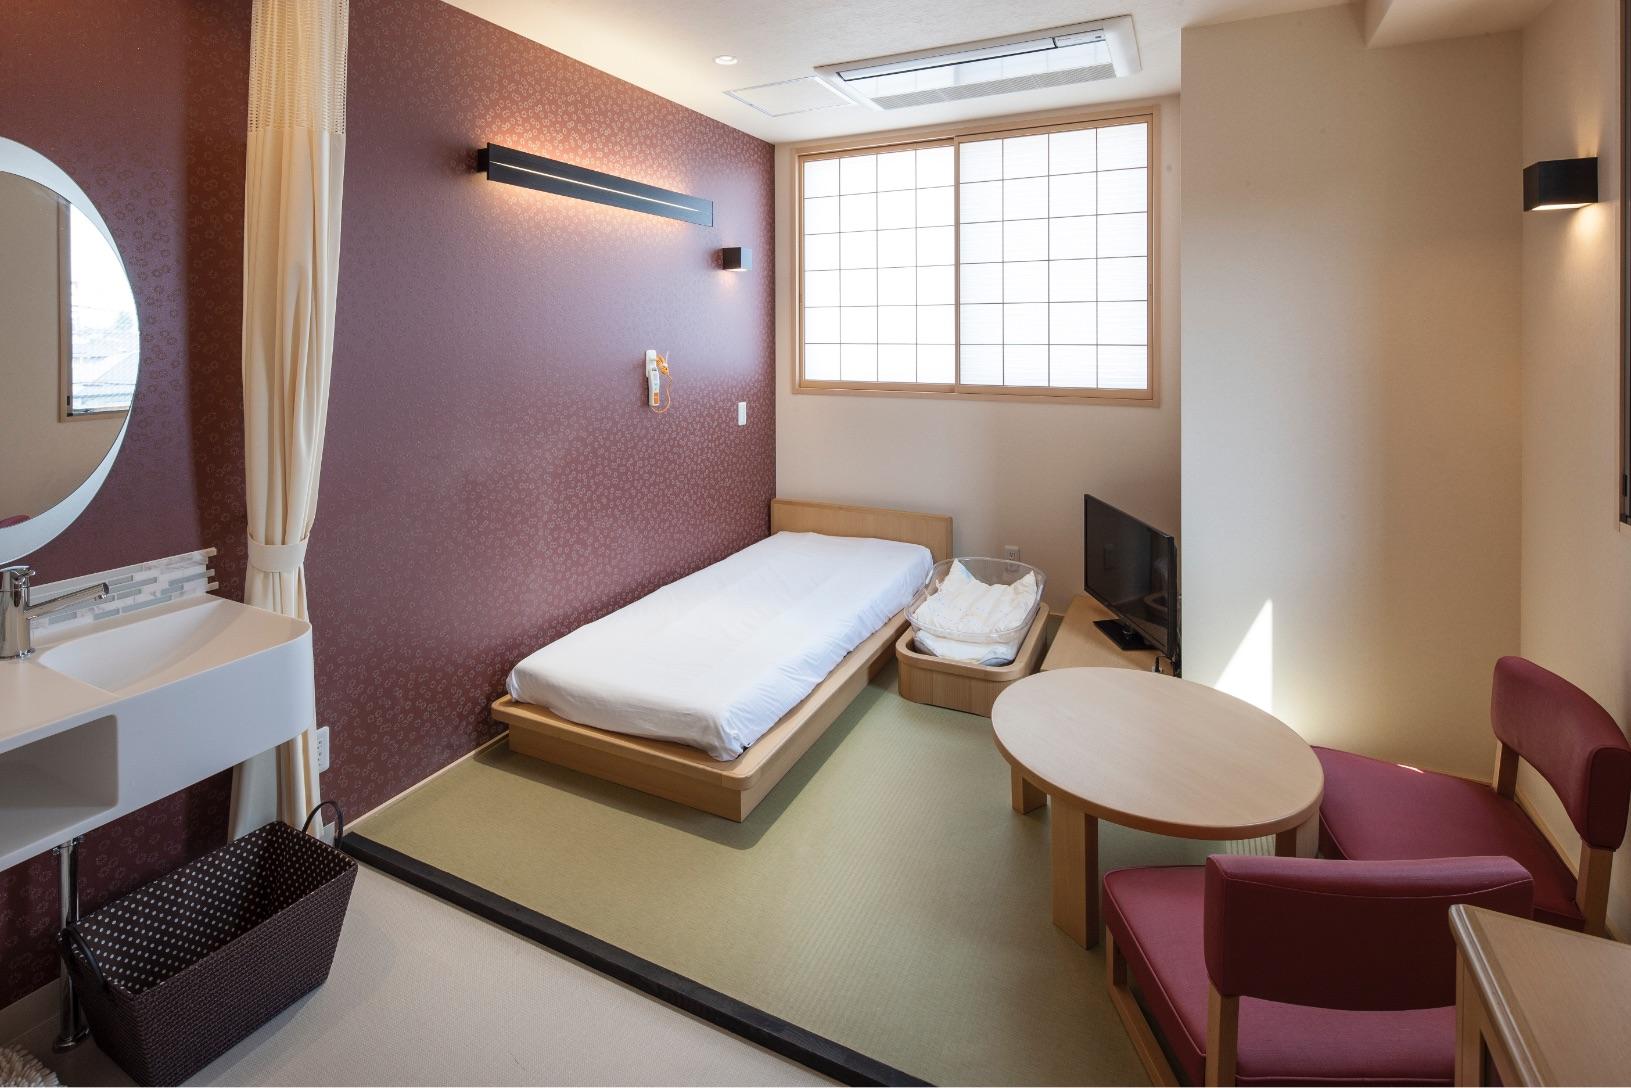 一般病室(和室)の室内